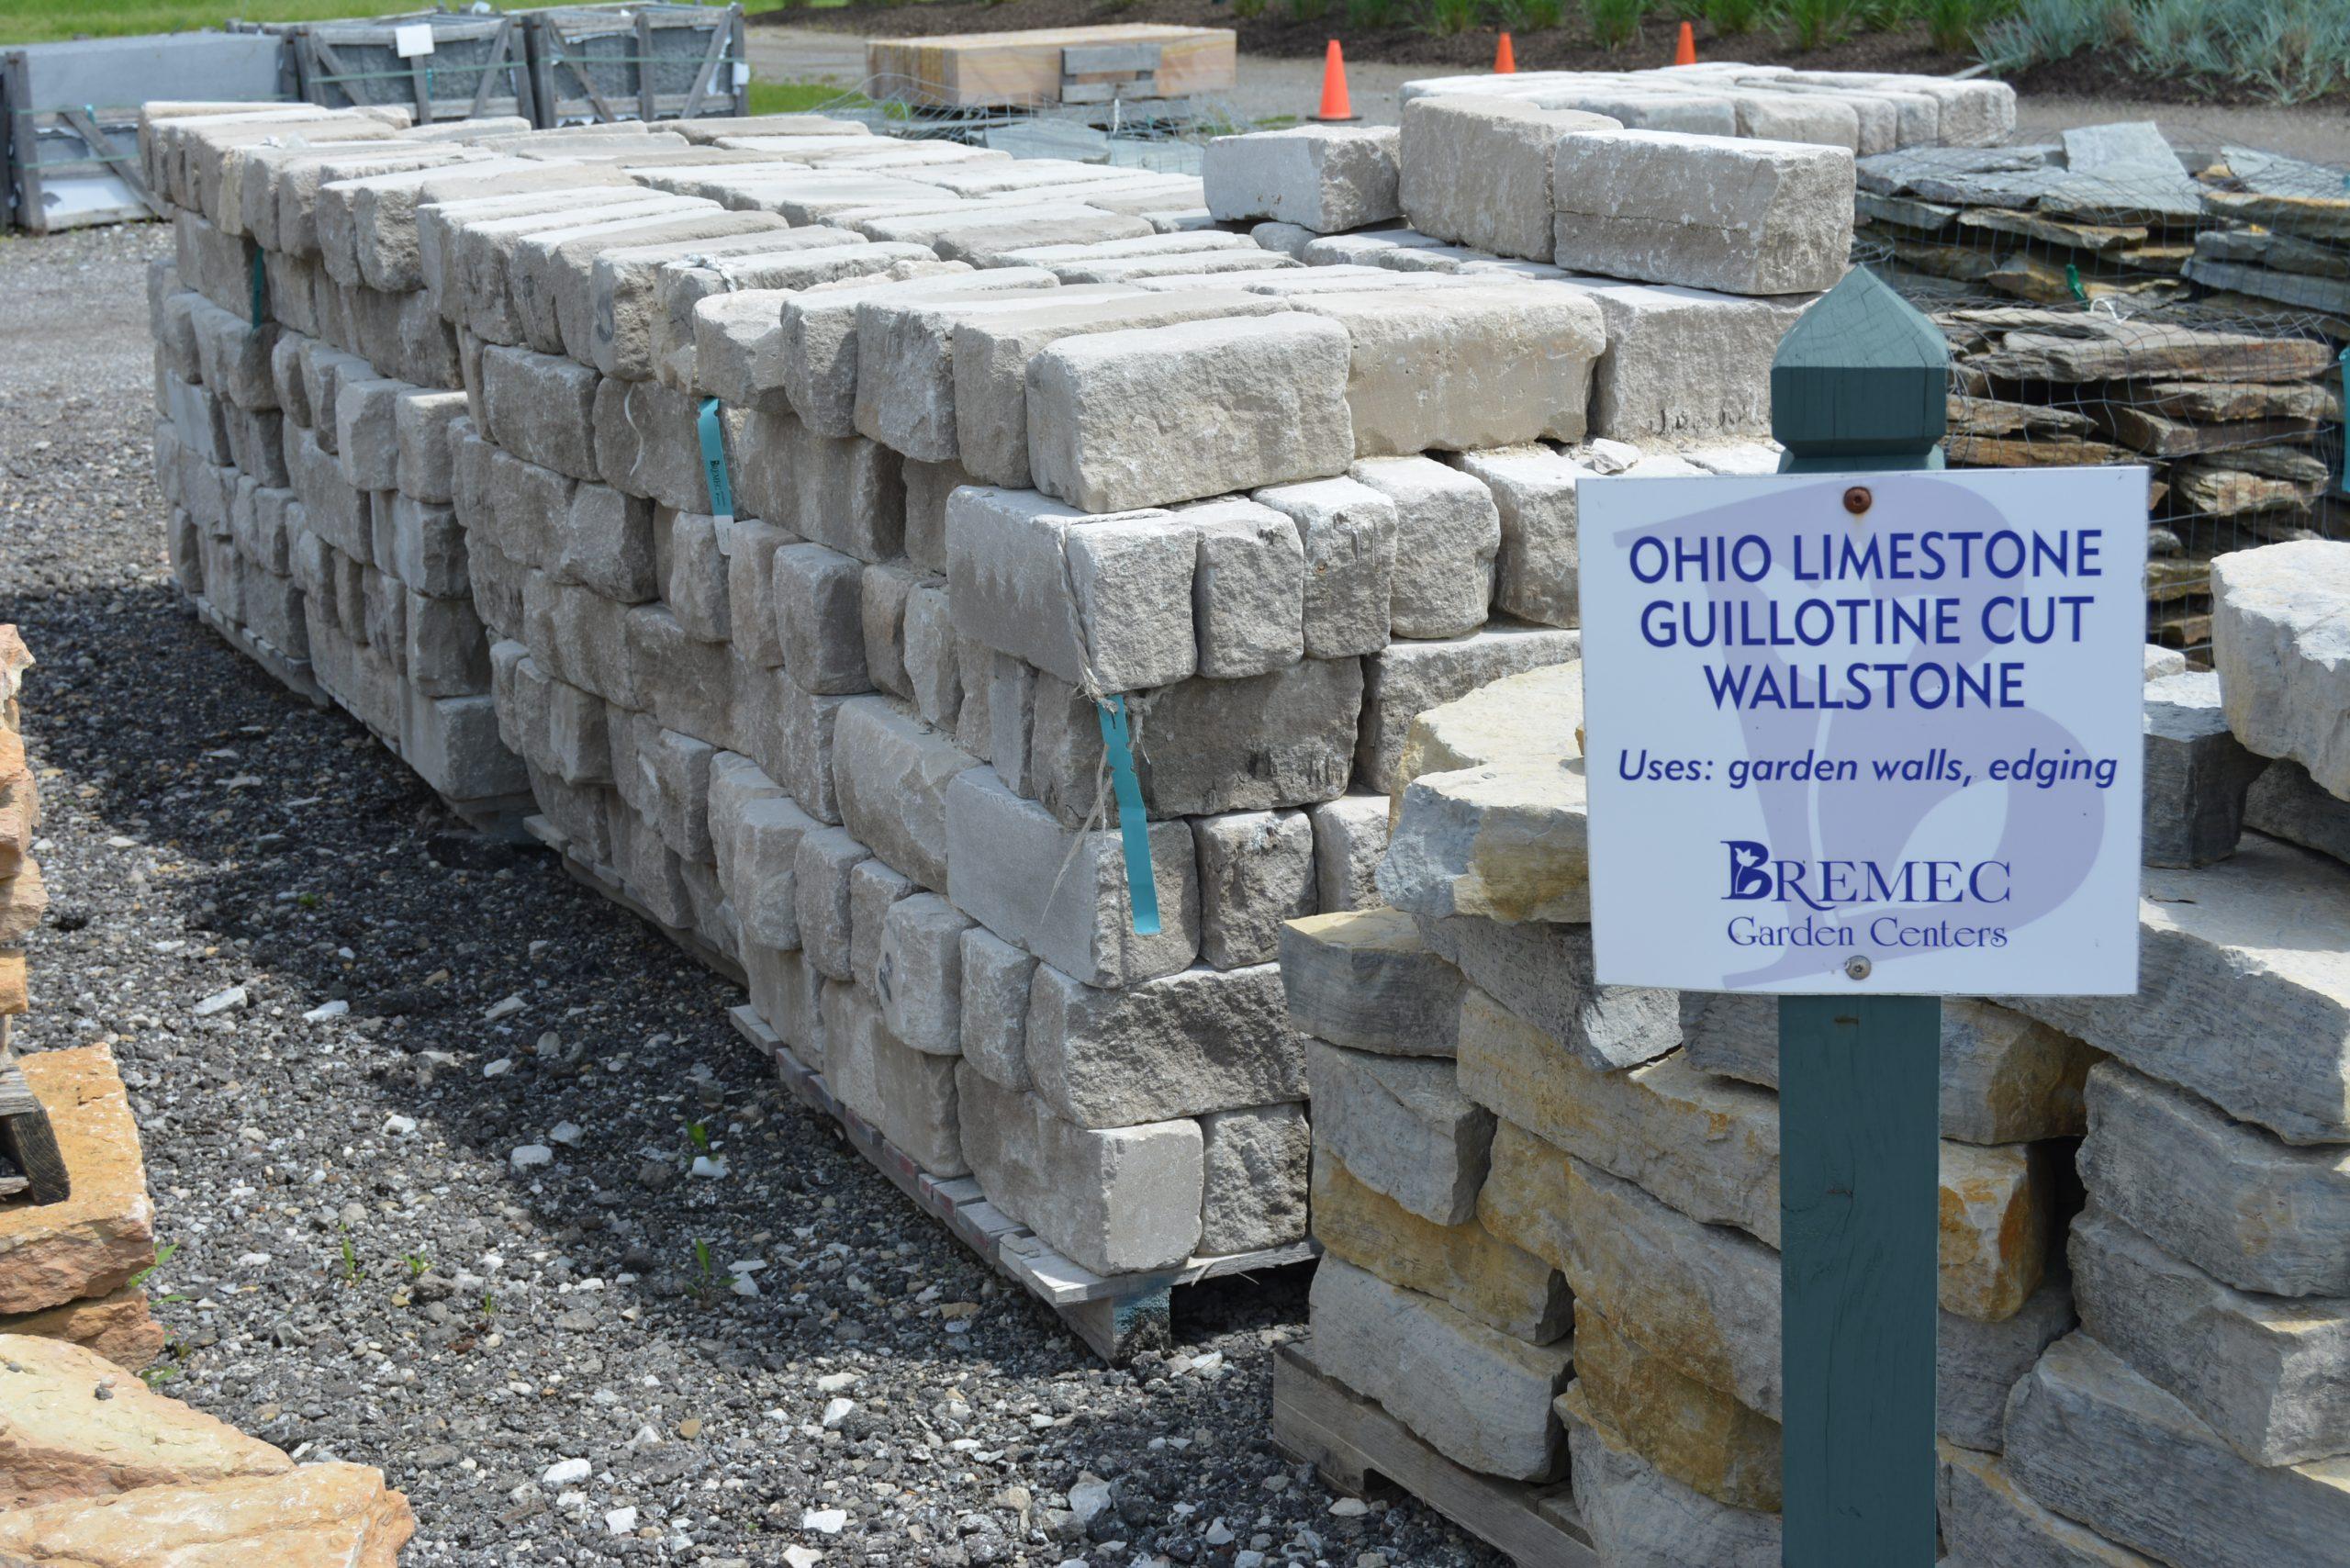 Ohio Limestone Guillotine Cut Wall Stone